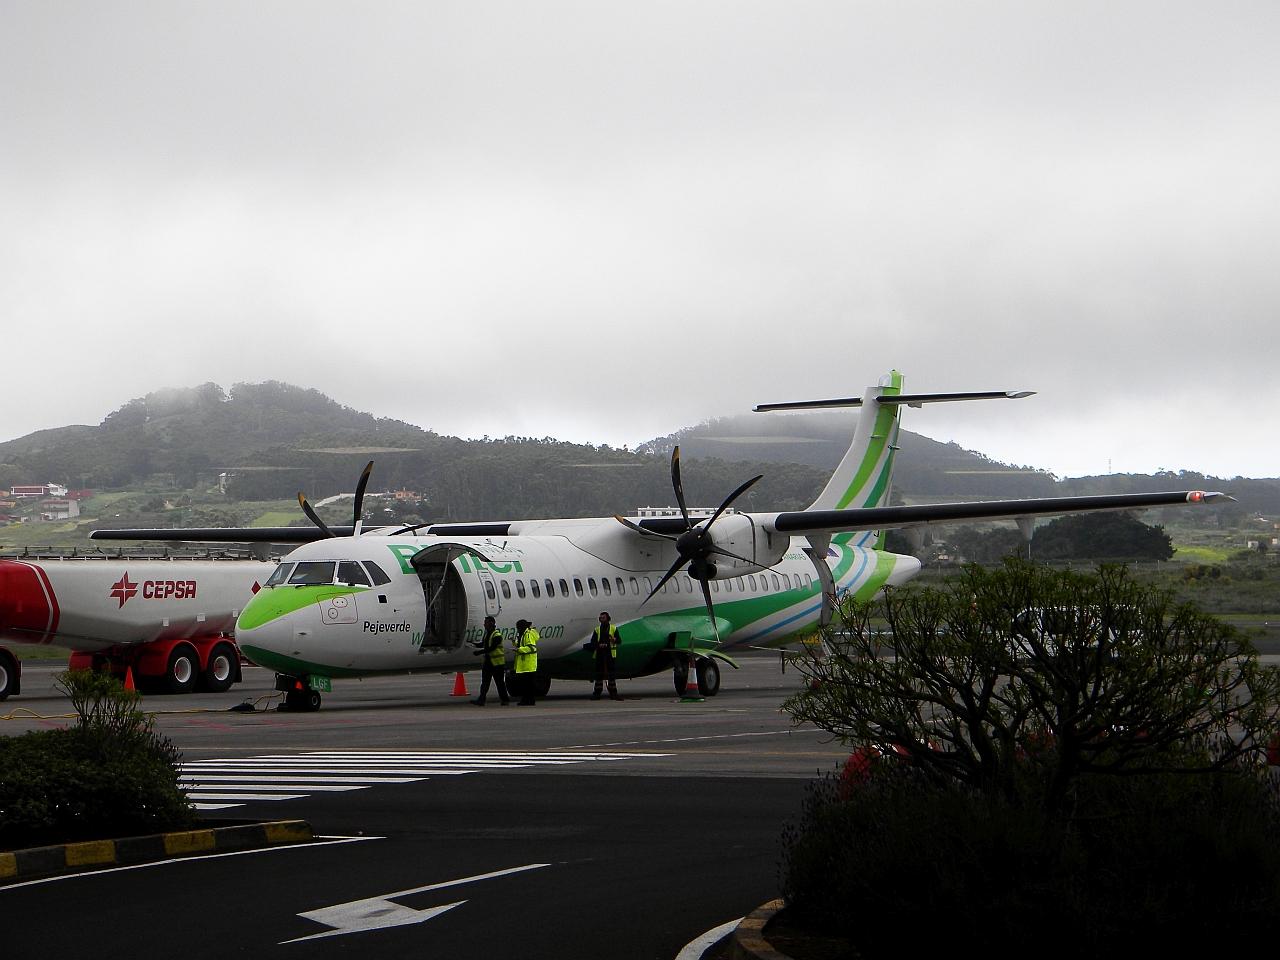 """Самолет ATR 72-500 авиакомпании """"Binter Canarias"""" в аэропорту Тенерифе"""